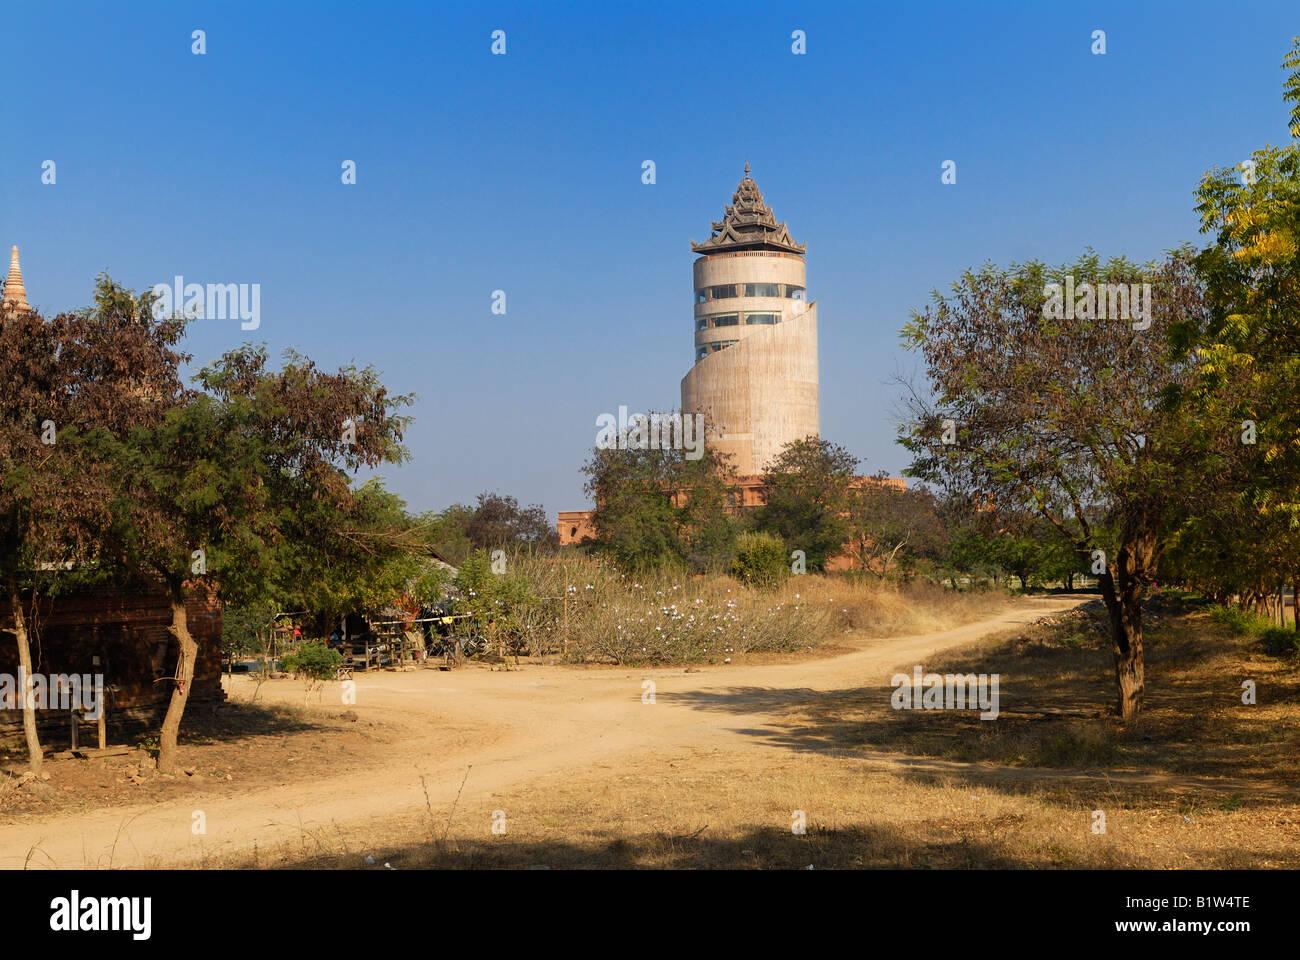 NAN MYINT, TOUR D'OBSERVATION LAID TOUR CONSTRUITE PAR LE GOUVERNEMENT MILITAIRE, Bagan, MYANMAR BIRMANIE BIRMANIE païenne, de l'Asie Banque D'Images